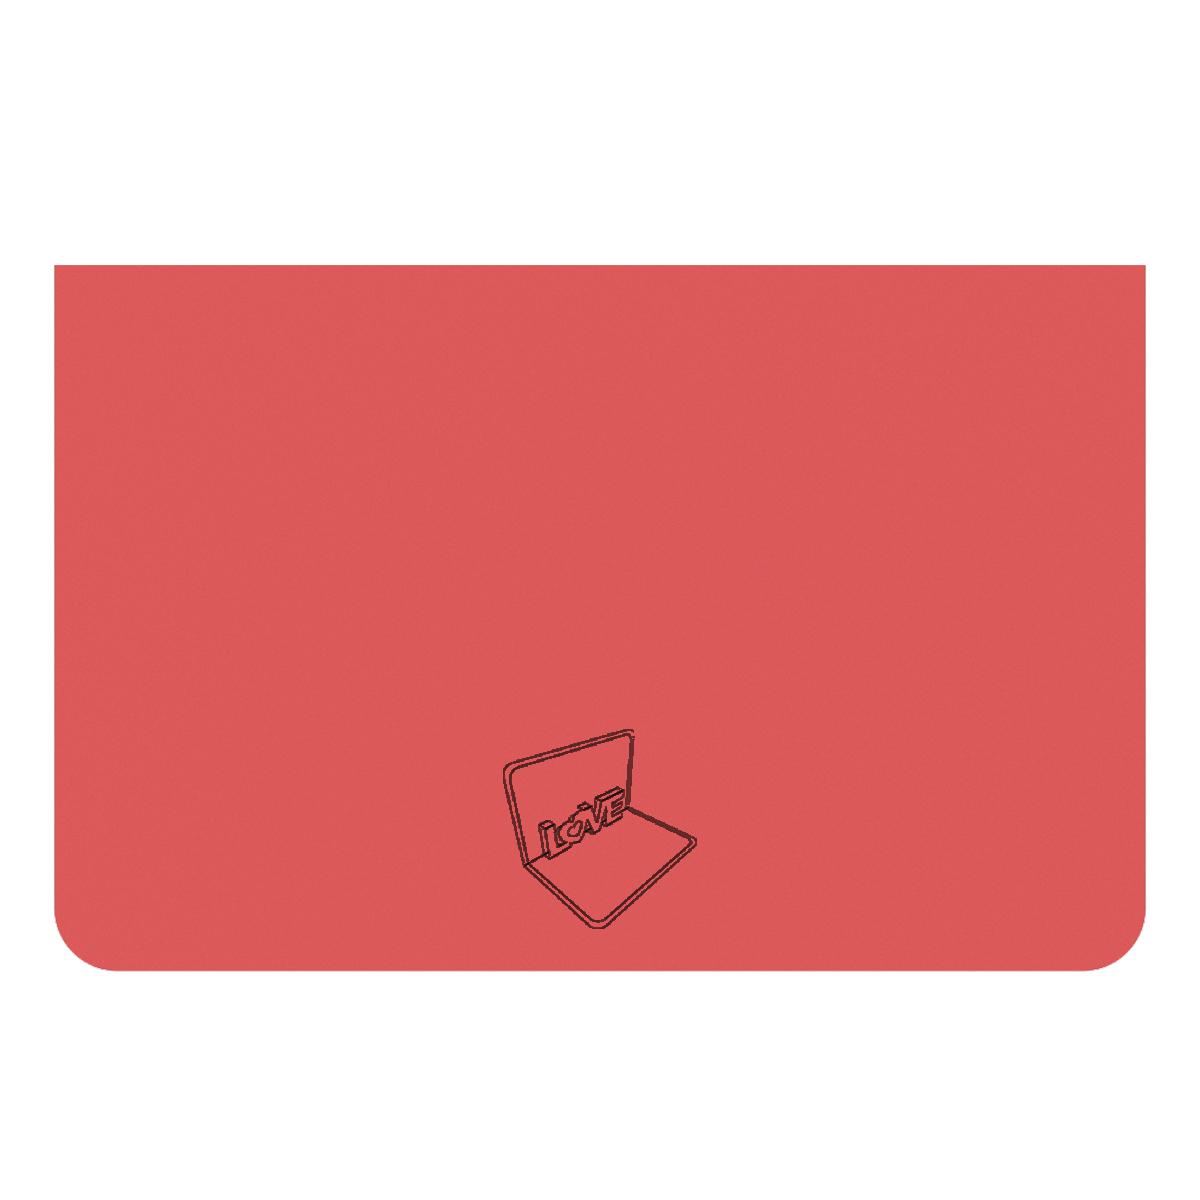 کارت پستال سه بعدی آلتین آی کد H4001